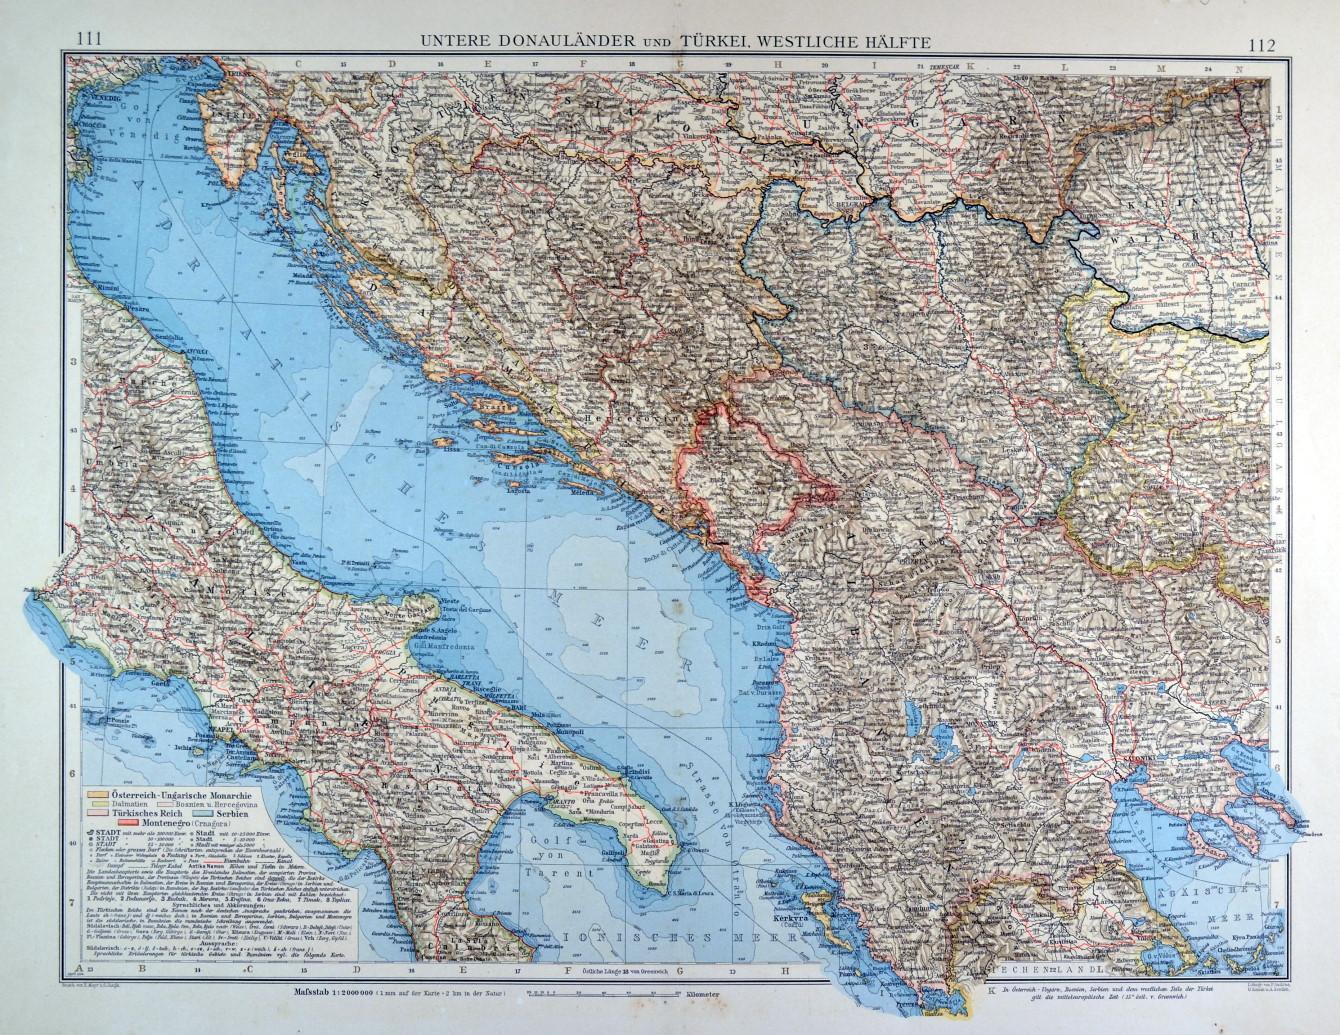 Alte Jugoslawien Karte.Jugoslawien Karte